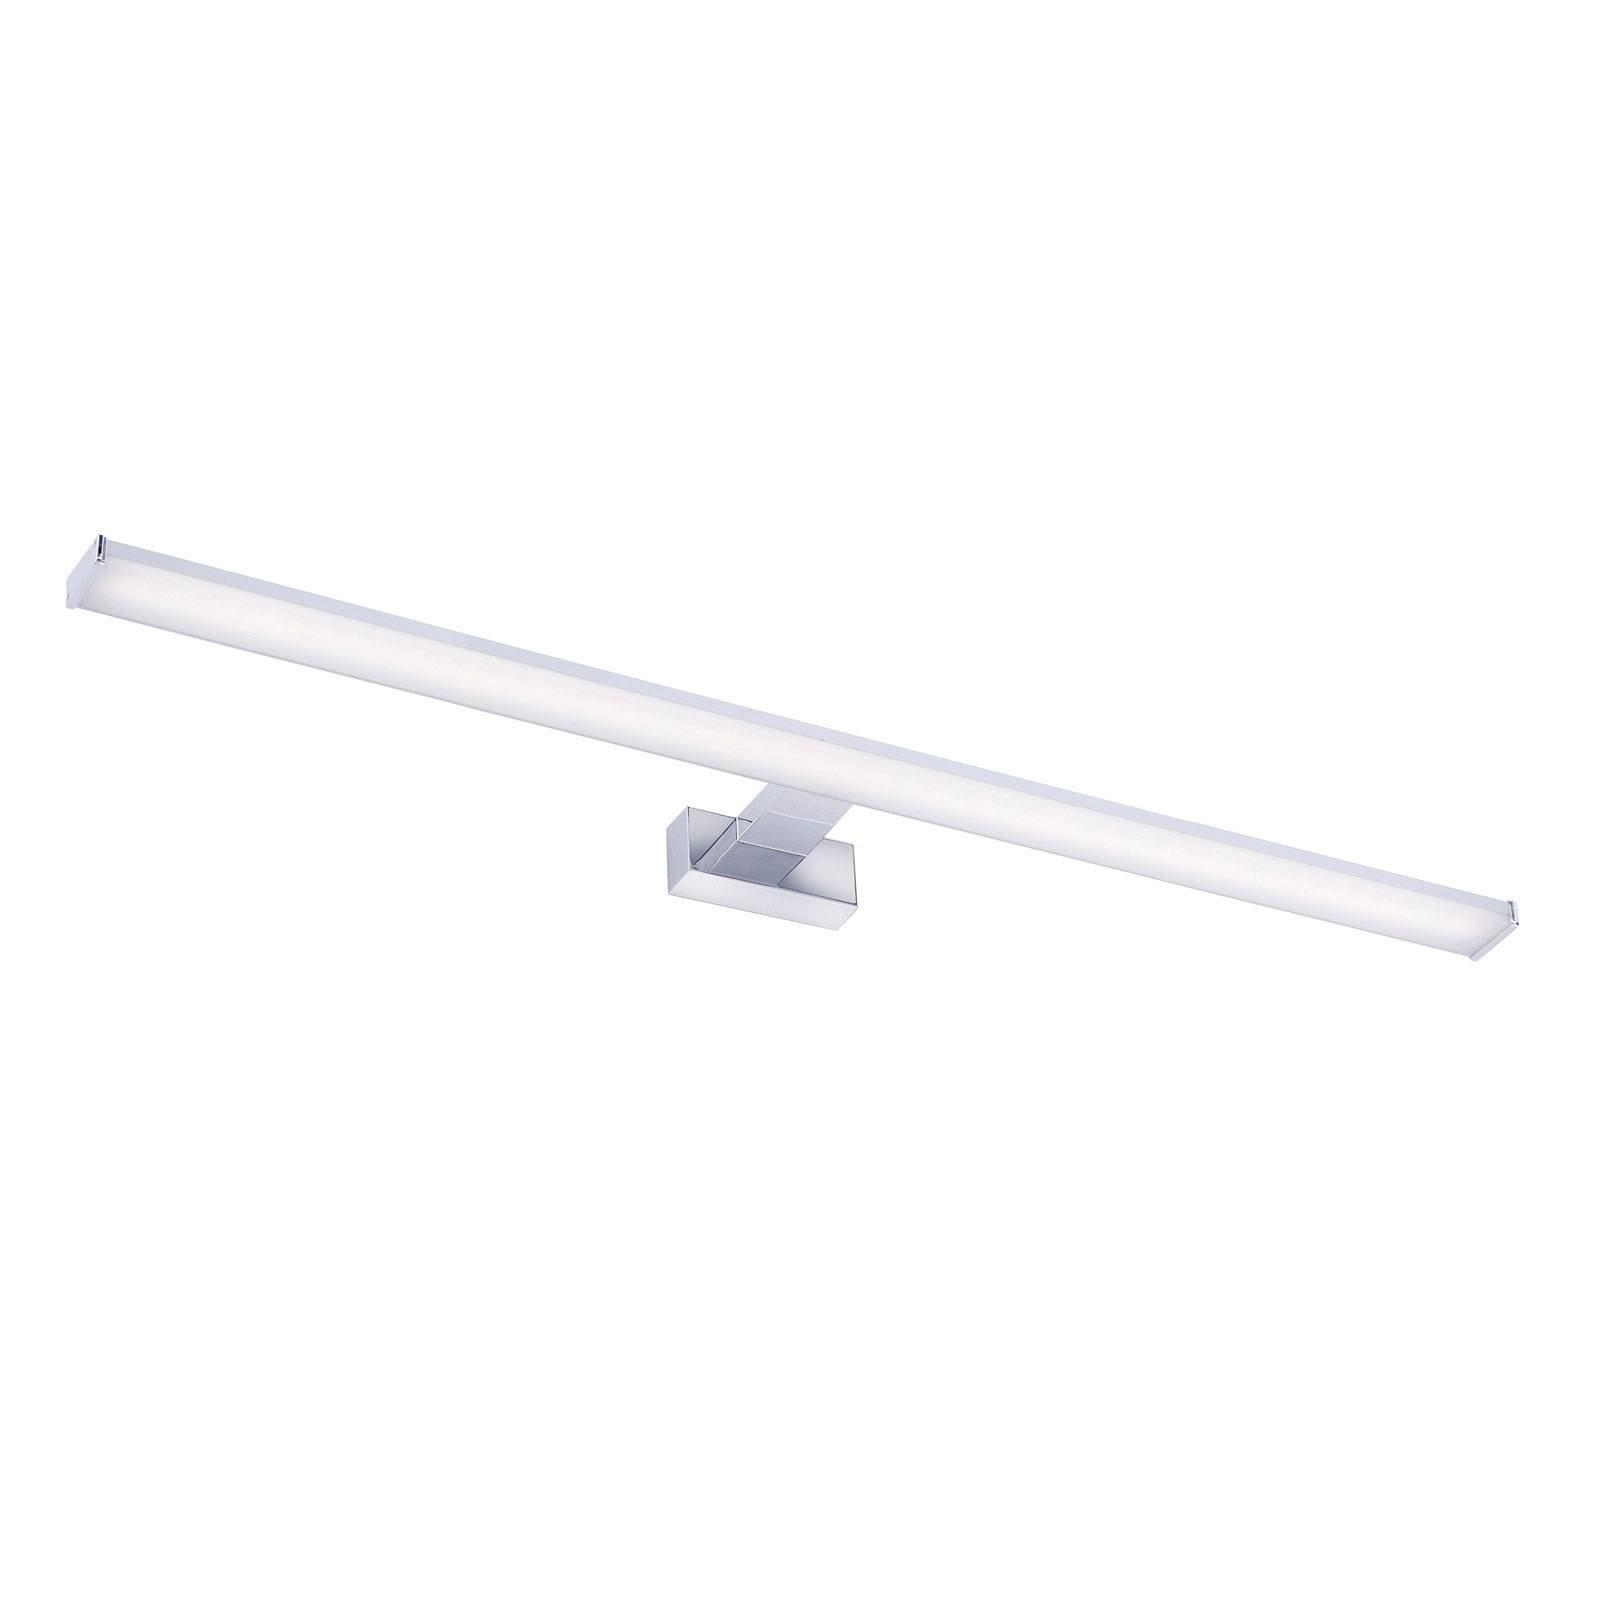 Mattis LED-speillampe, 78 cm